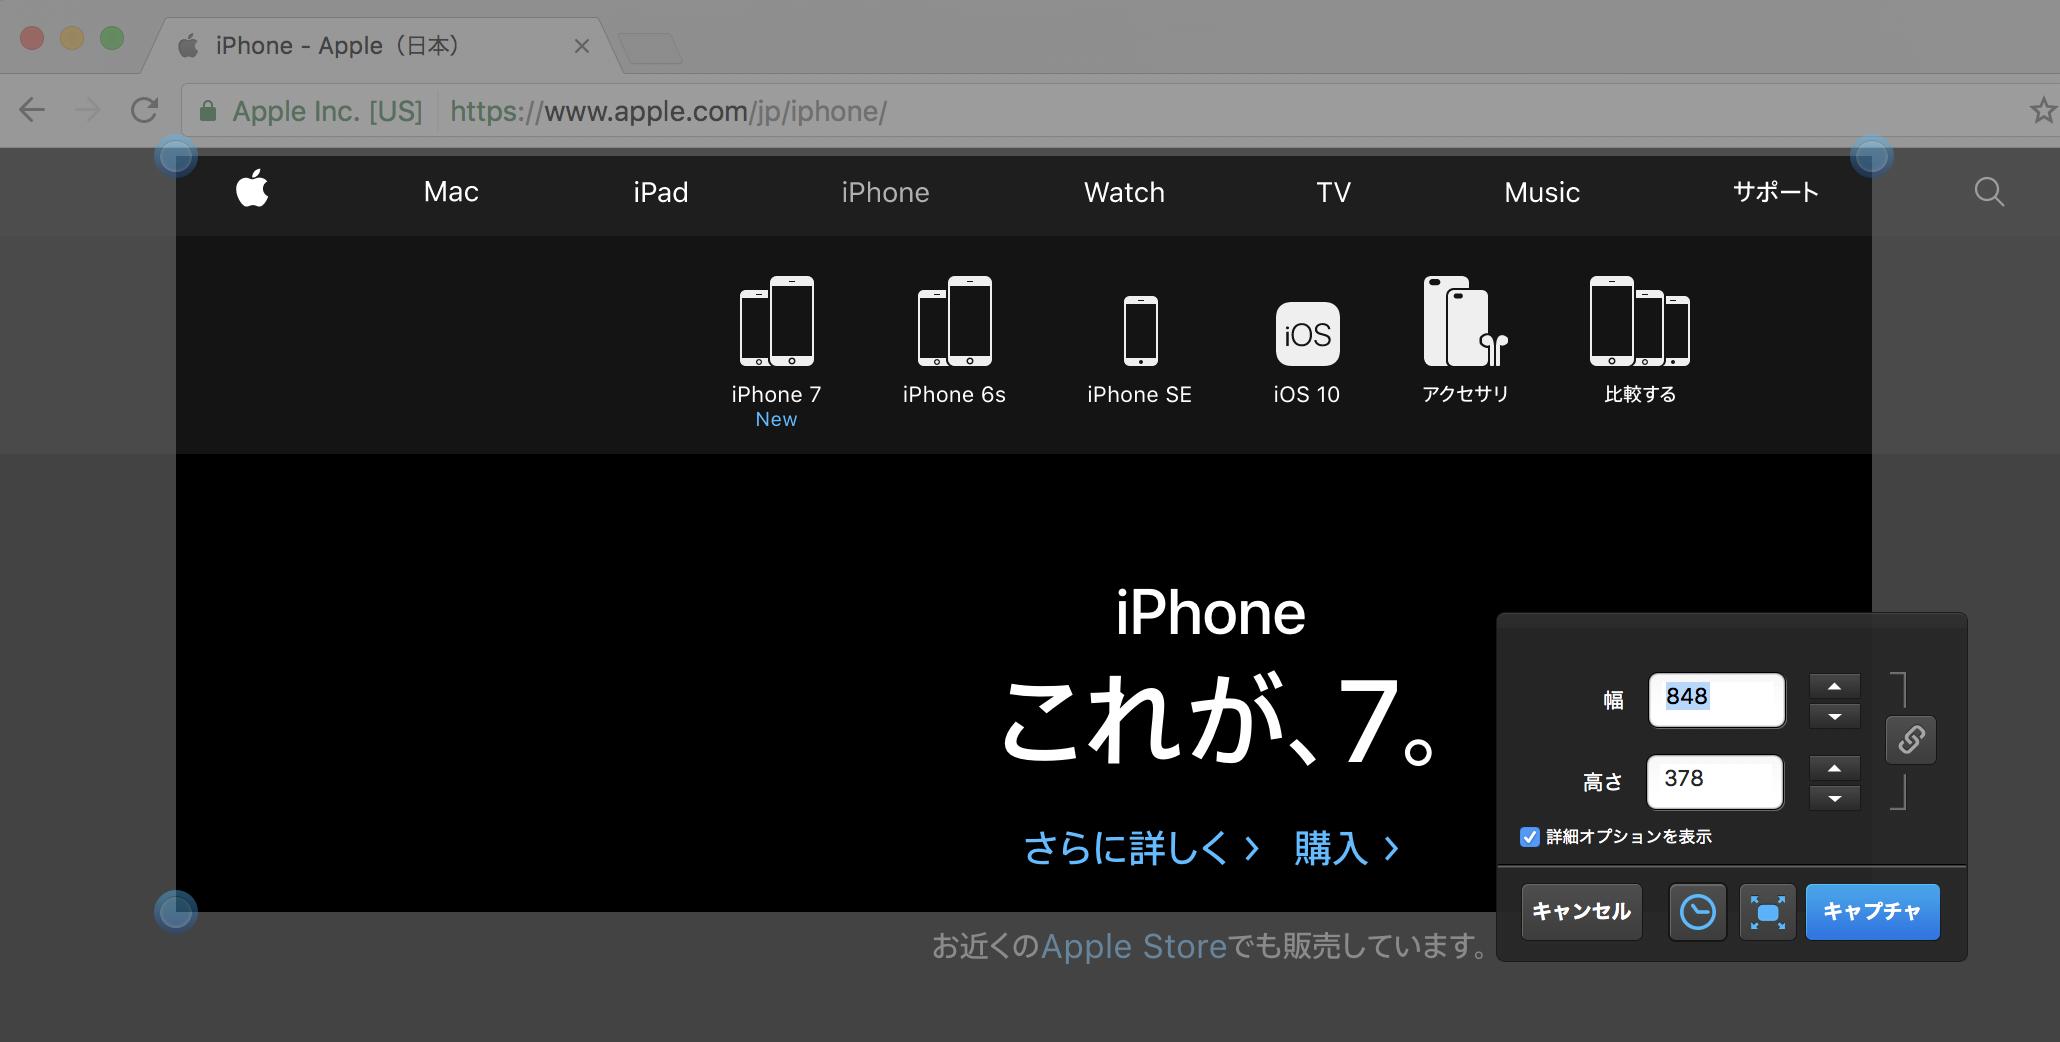 キャプチャ mac 画面